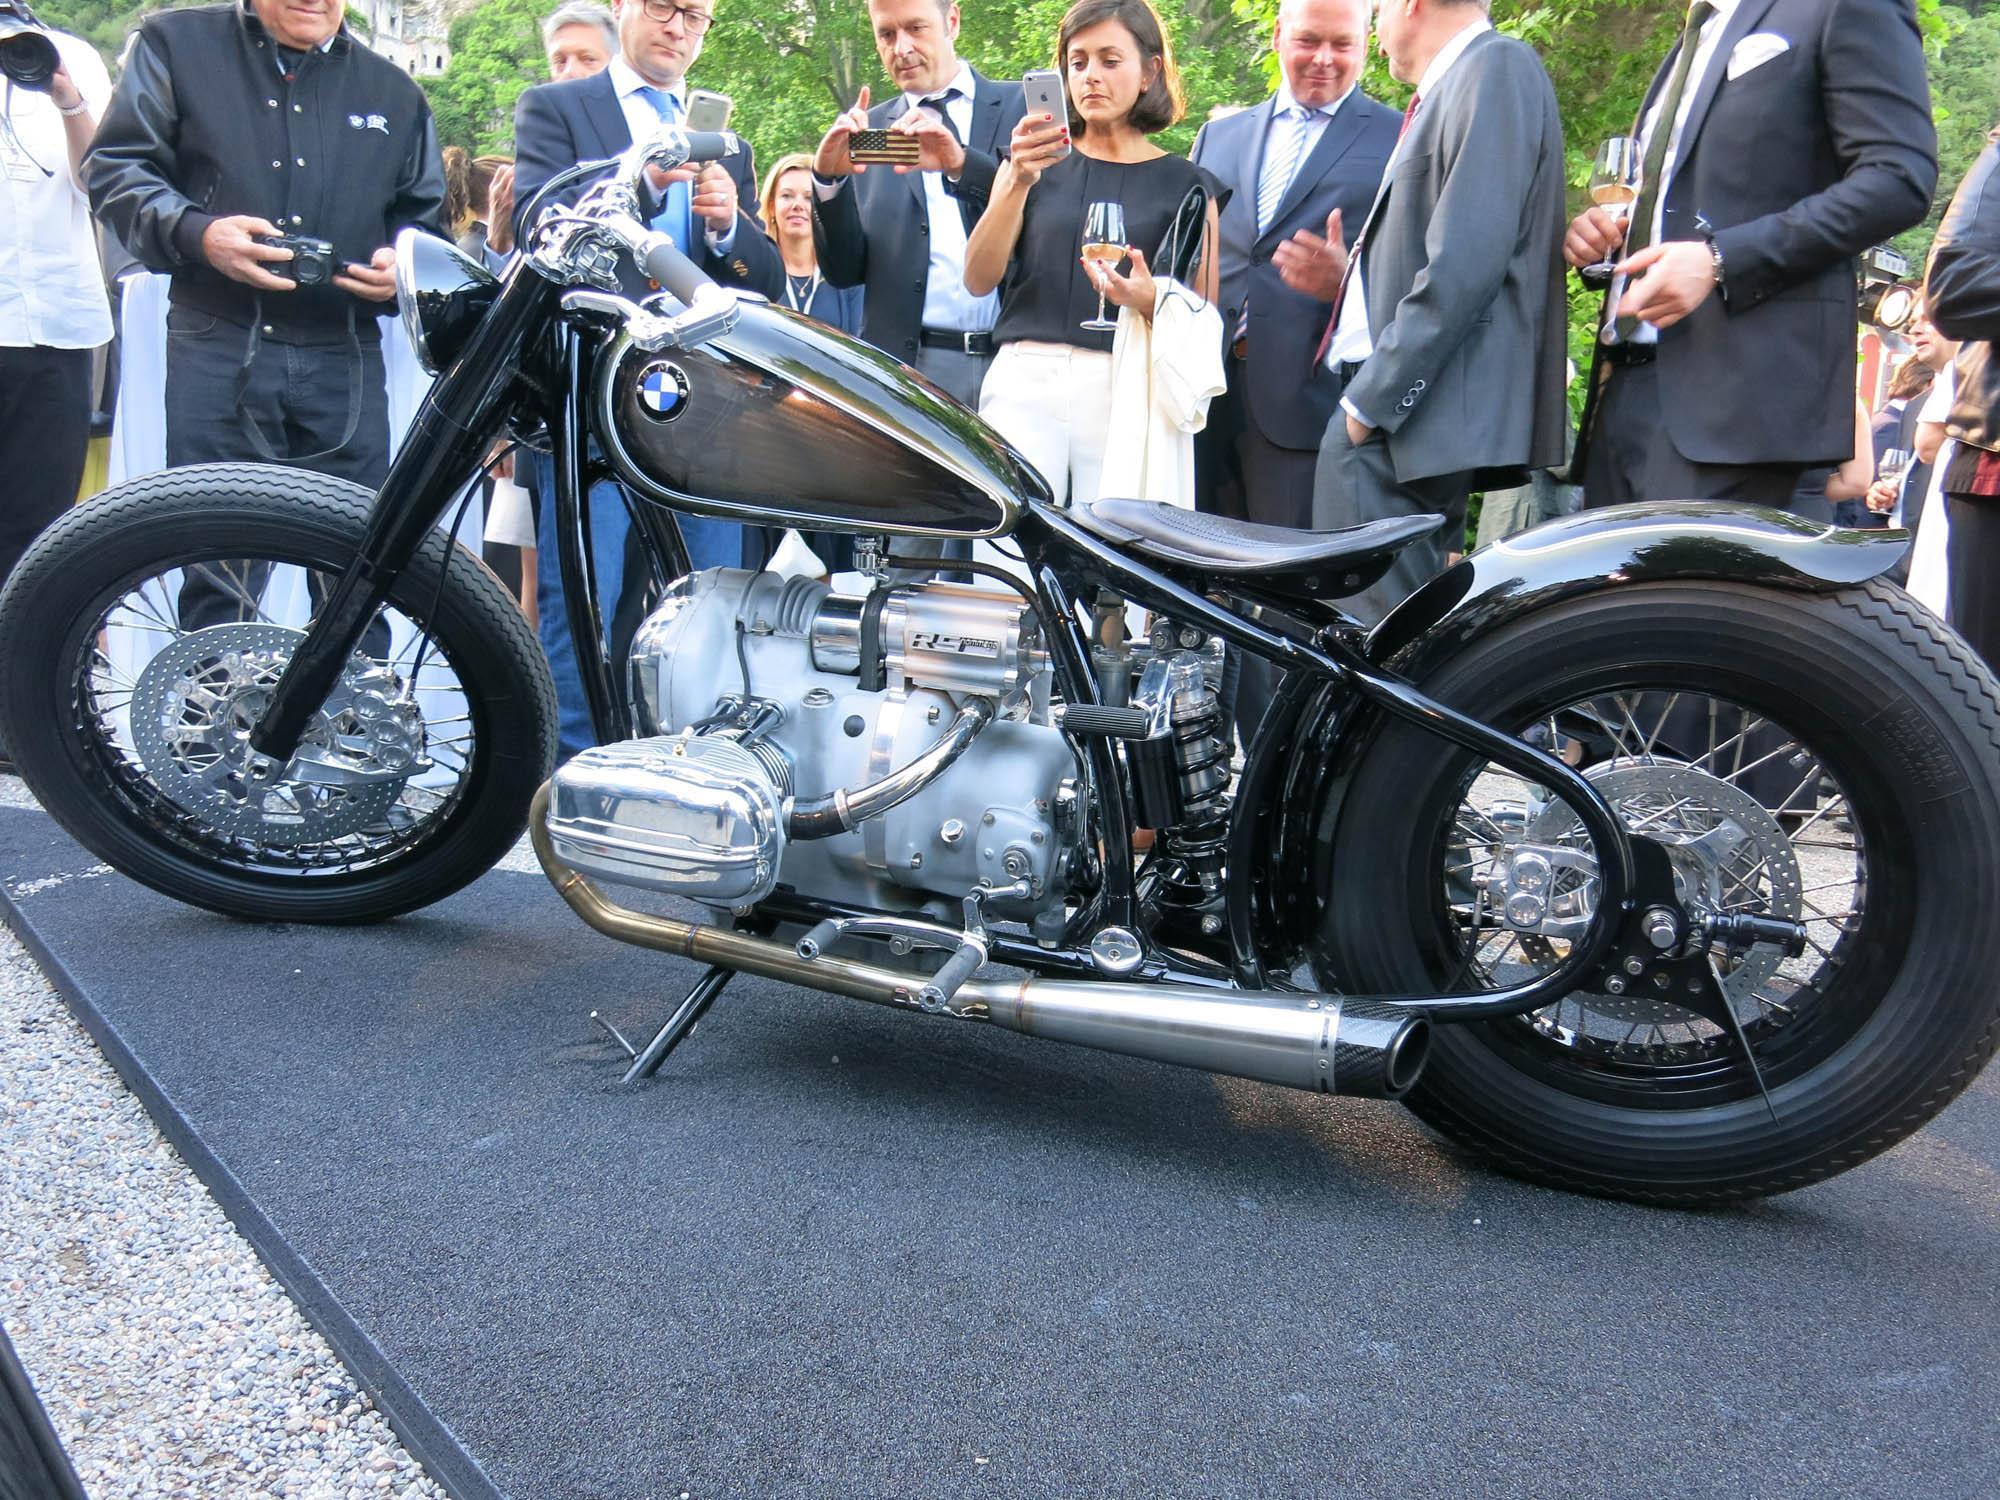 bmw r 5 hommage bobber conceptbike motorrad fotos motorrad bilder. Black Bedroom Furniture Sets. Home Design Ideas